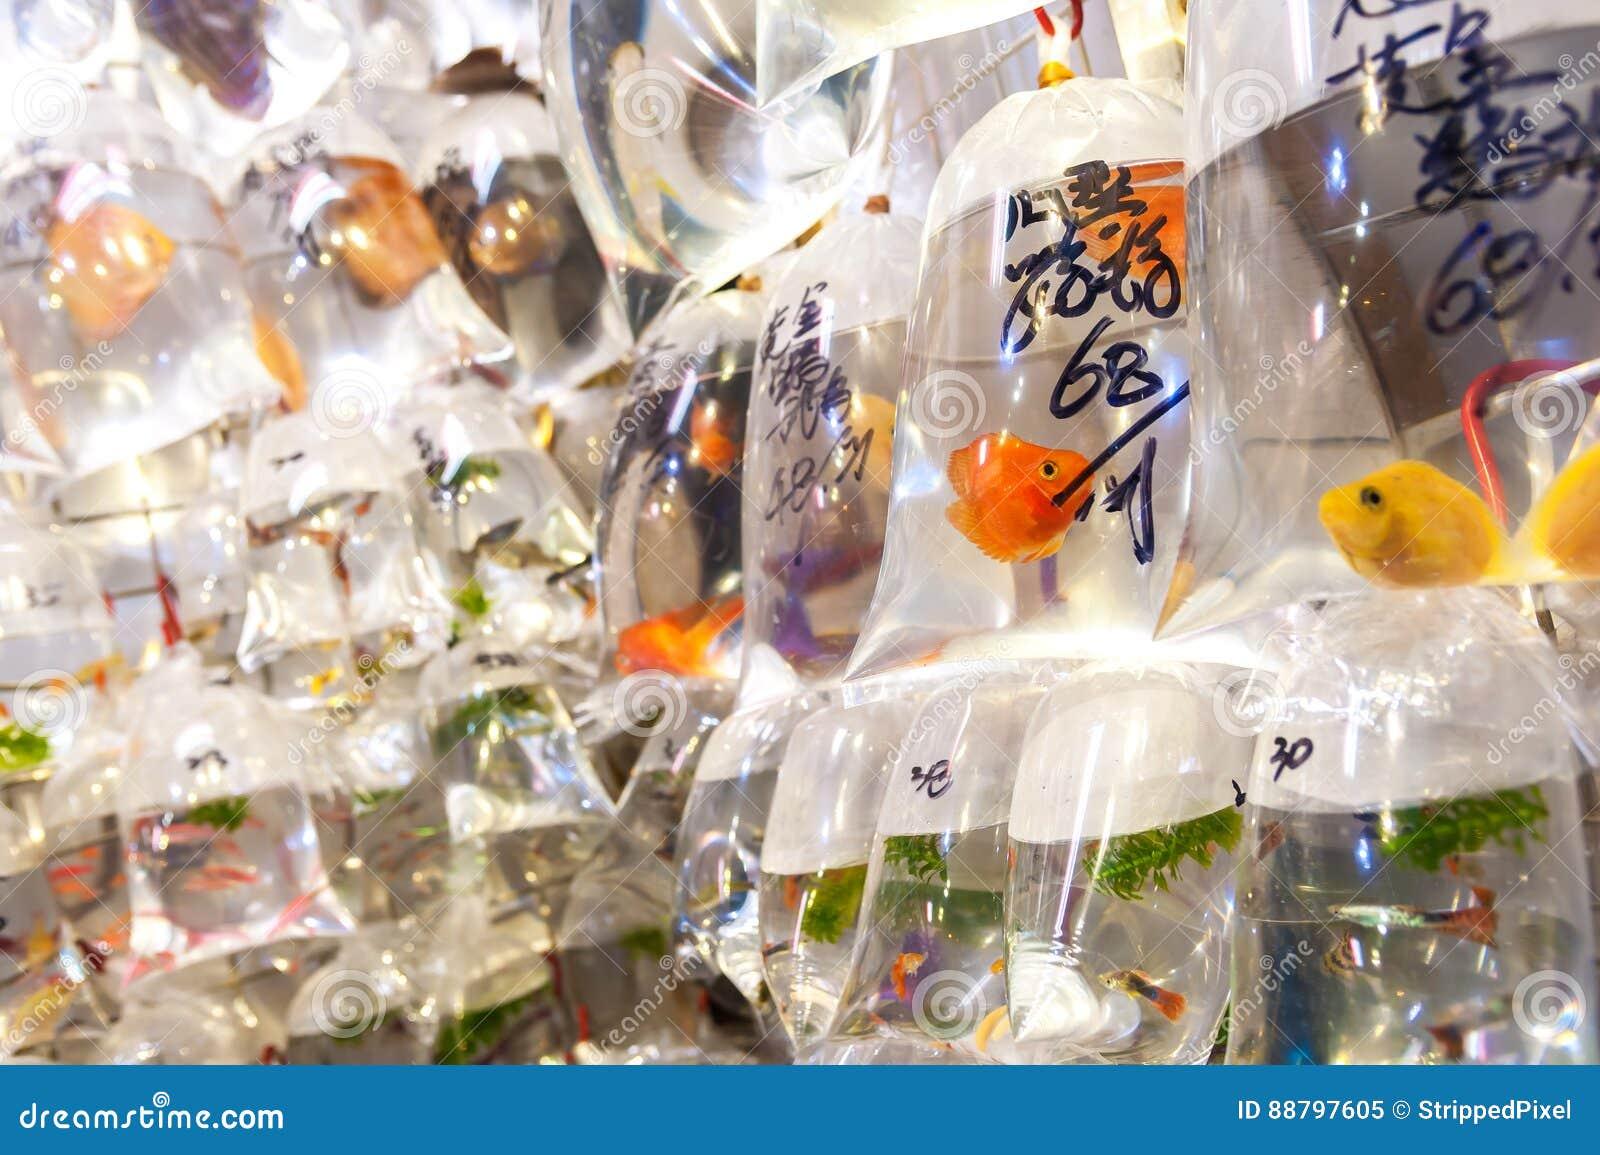 Τα τροπικά ψάρια που κρεμούν στις πλαστικές τσάντες στη Tung Choi οδό πηγαίνουν